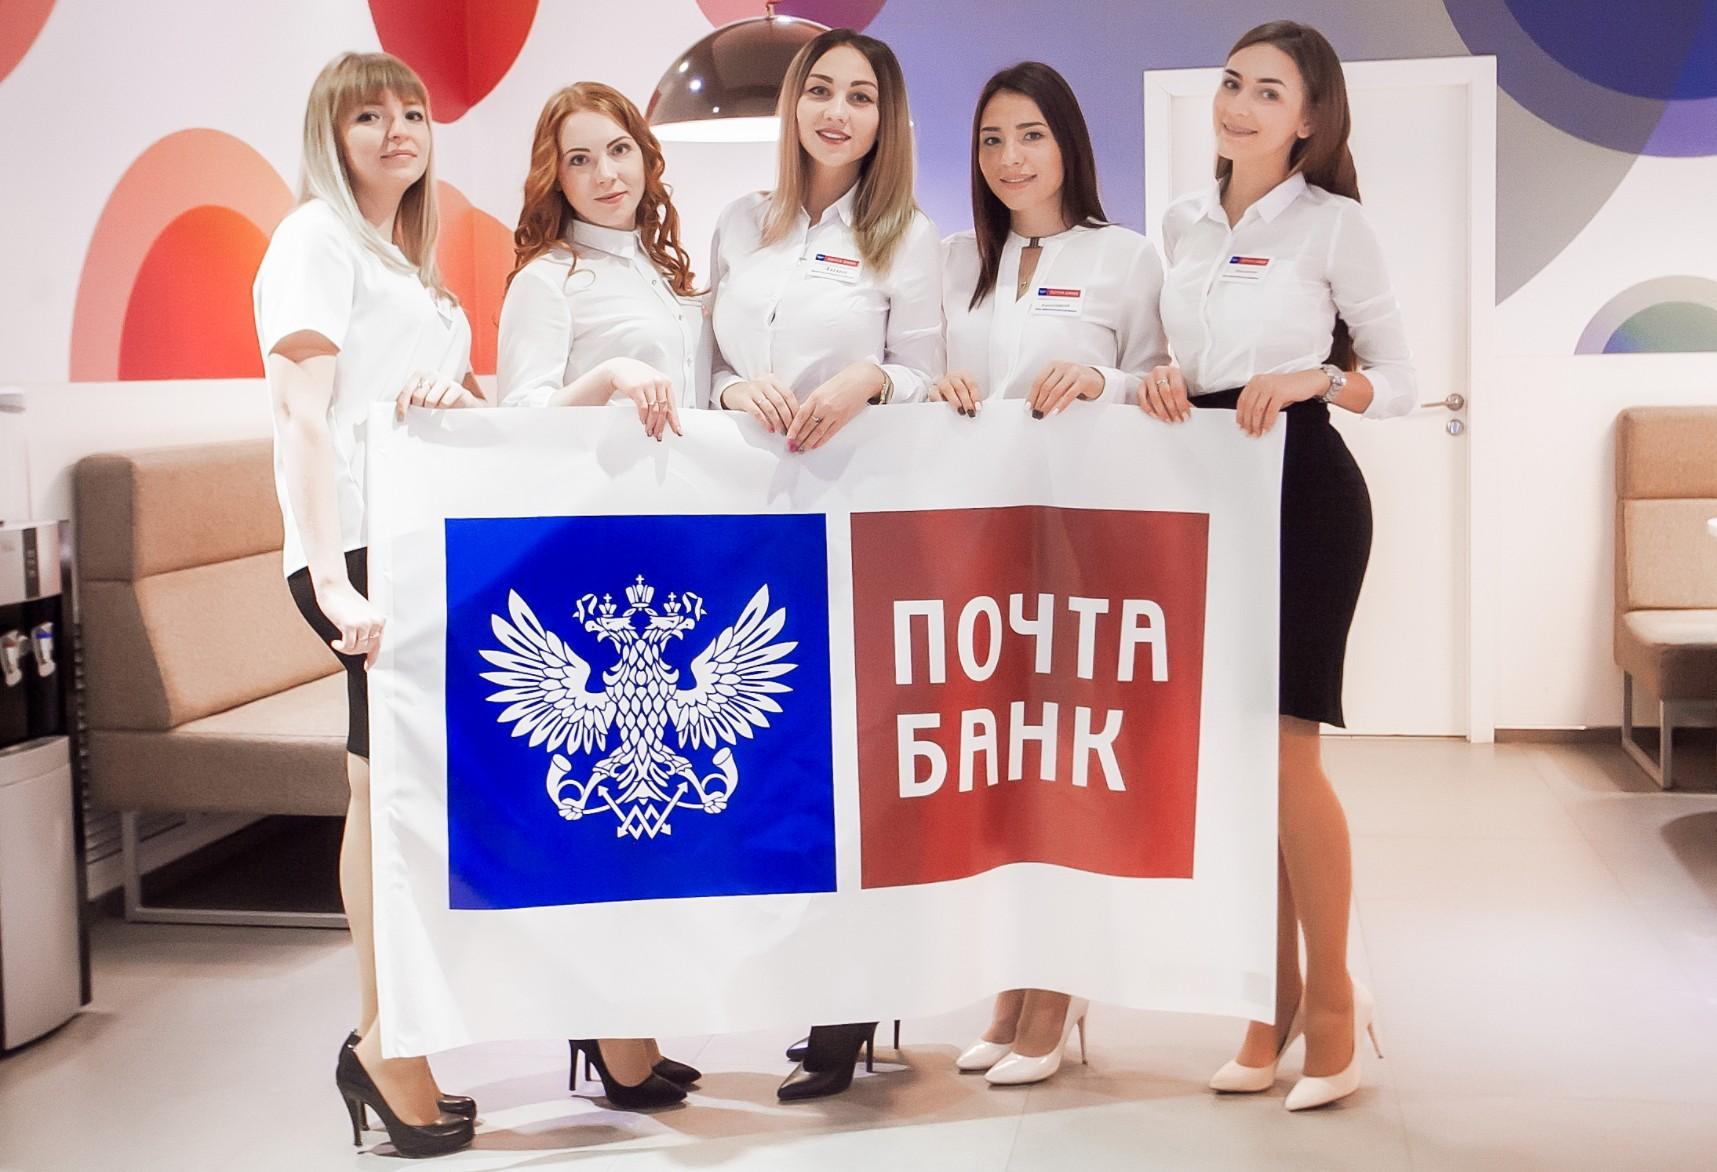 Отделение Почта Банка в Волгограде по улице Николая отрады дом 40